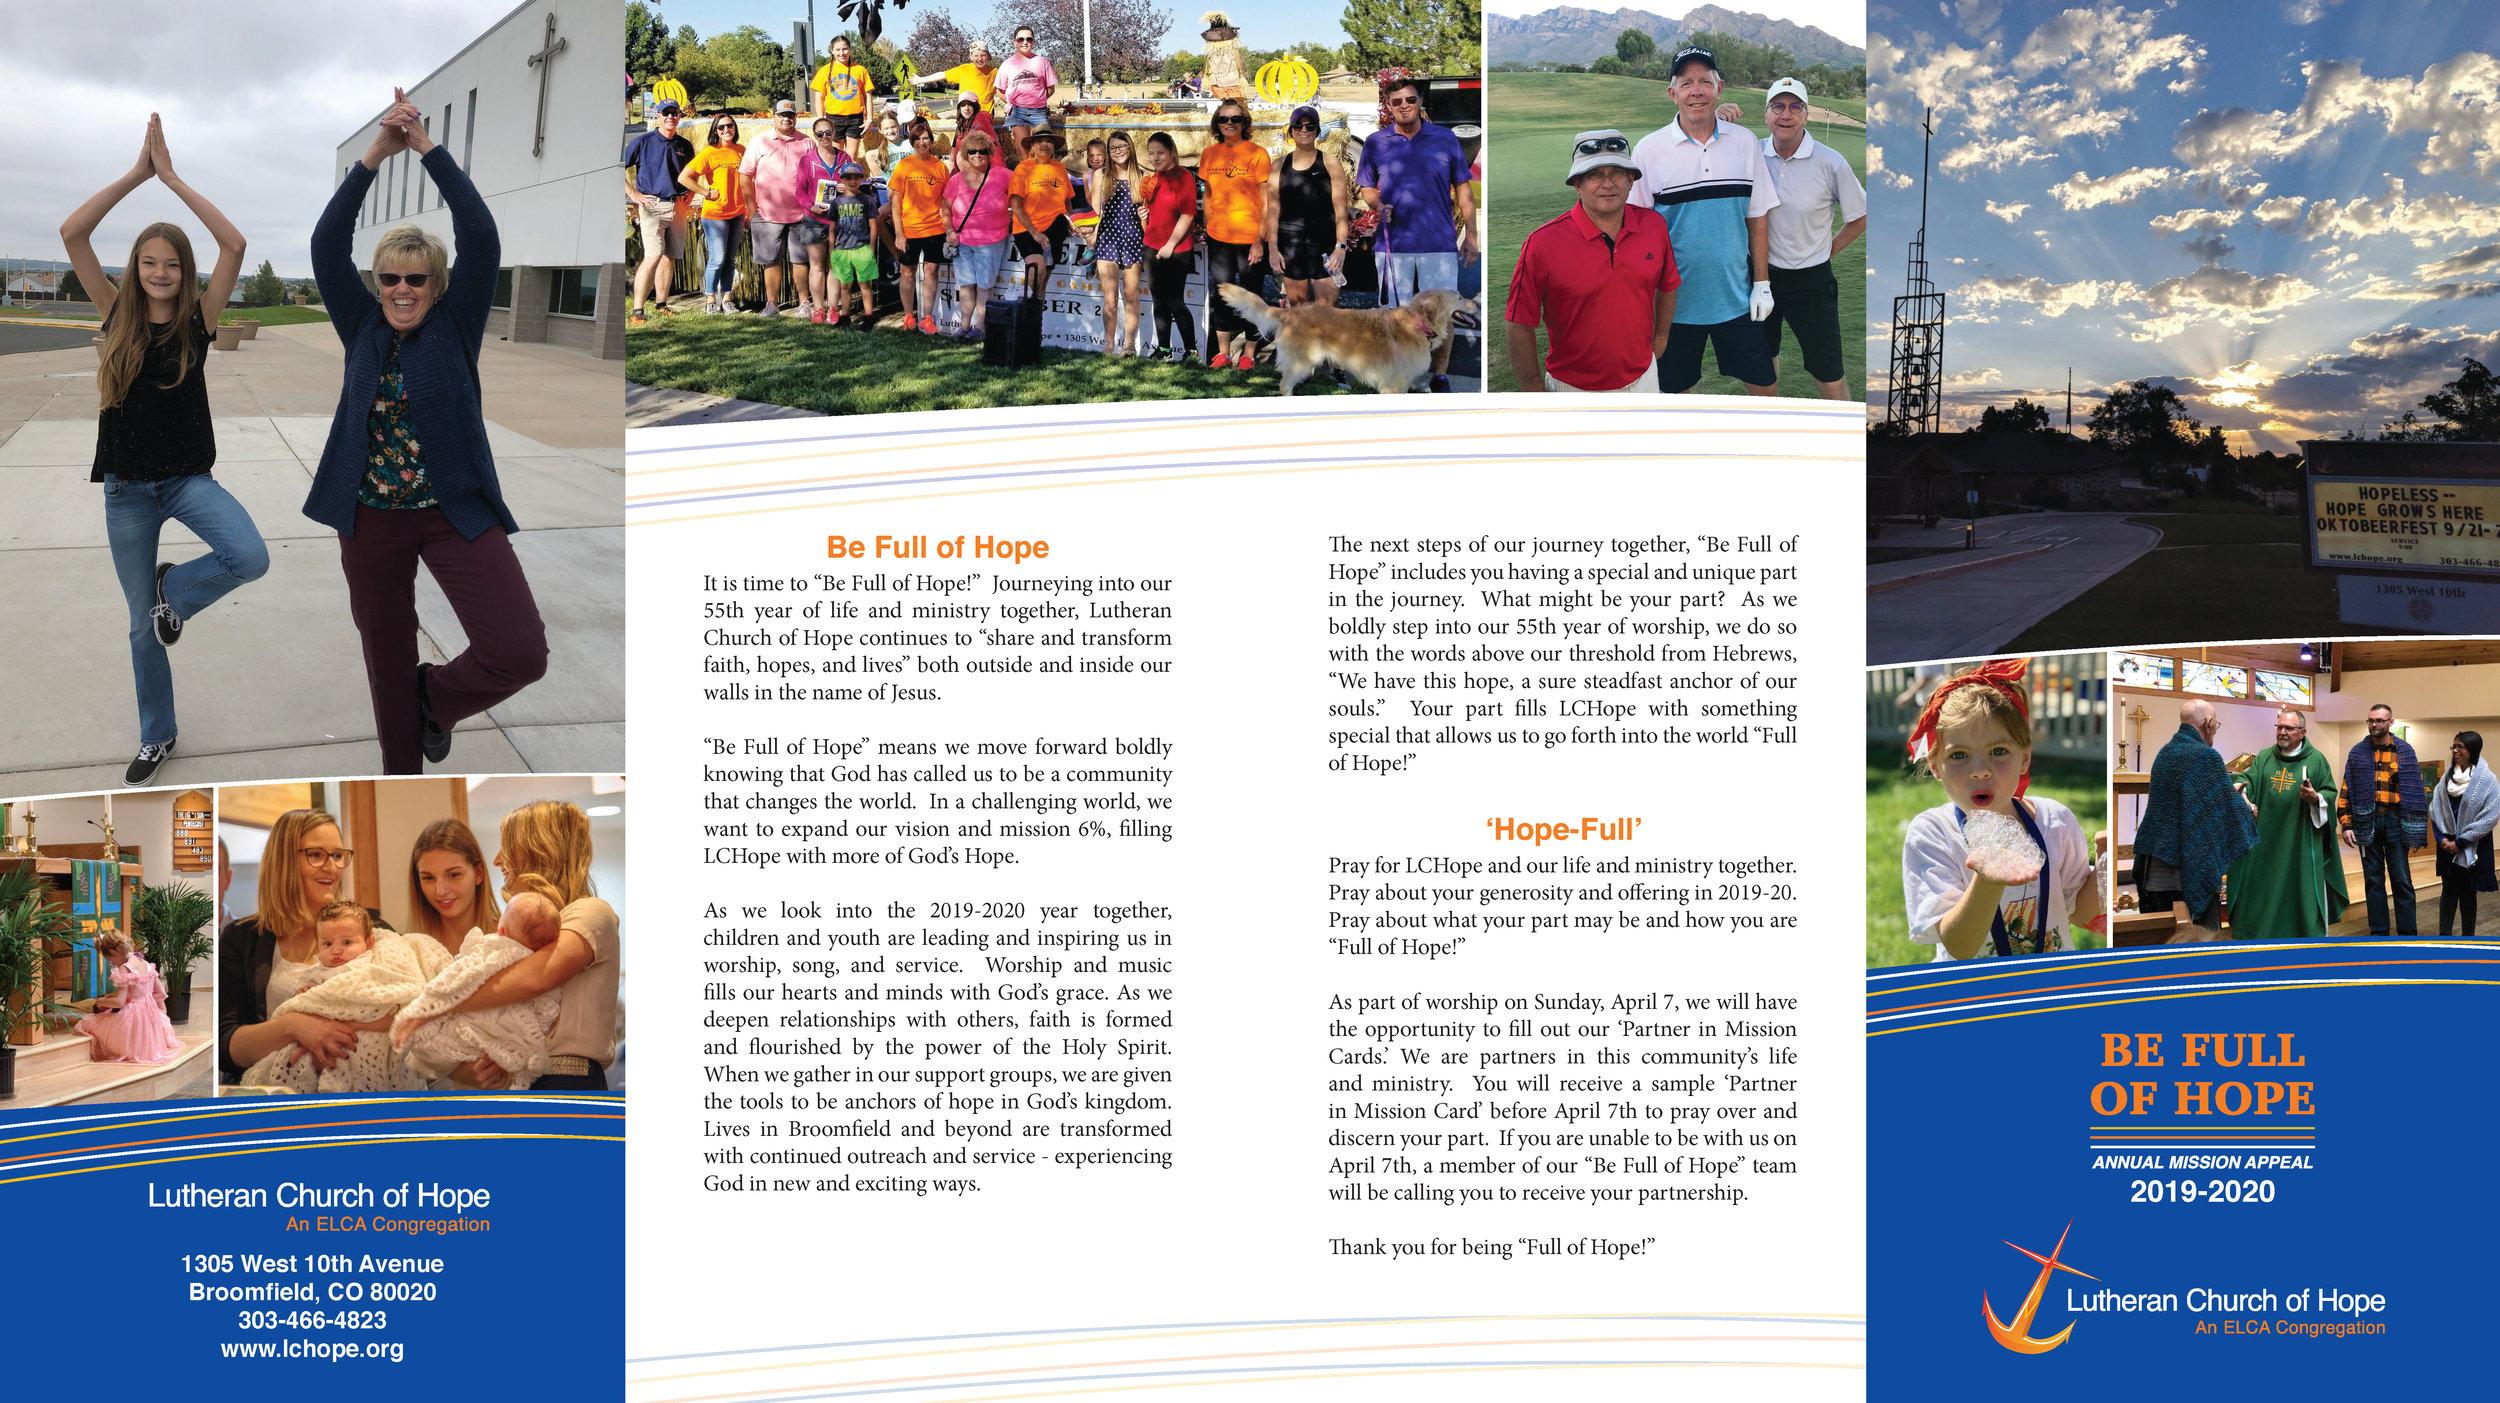 LCHope_Brochure2019_Page_1.jpg